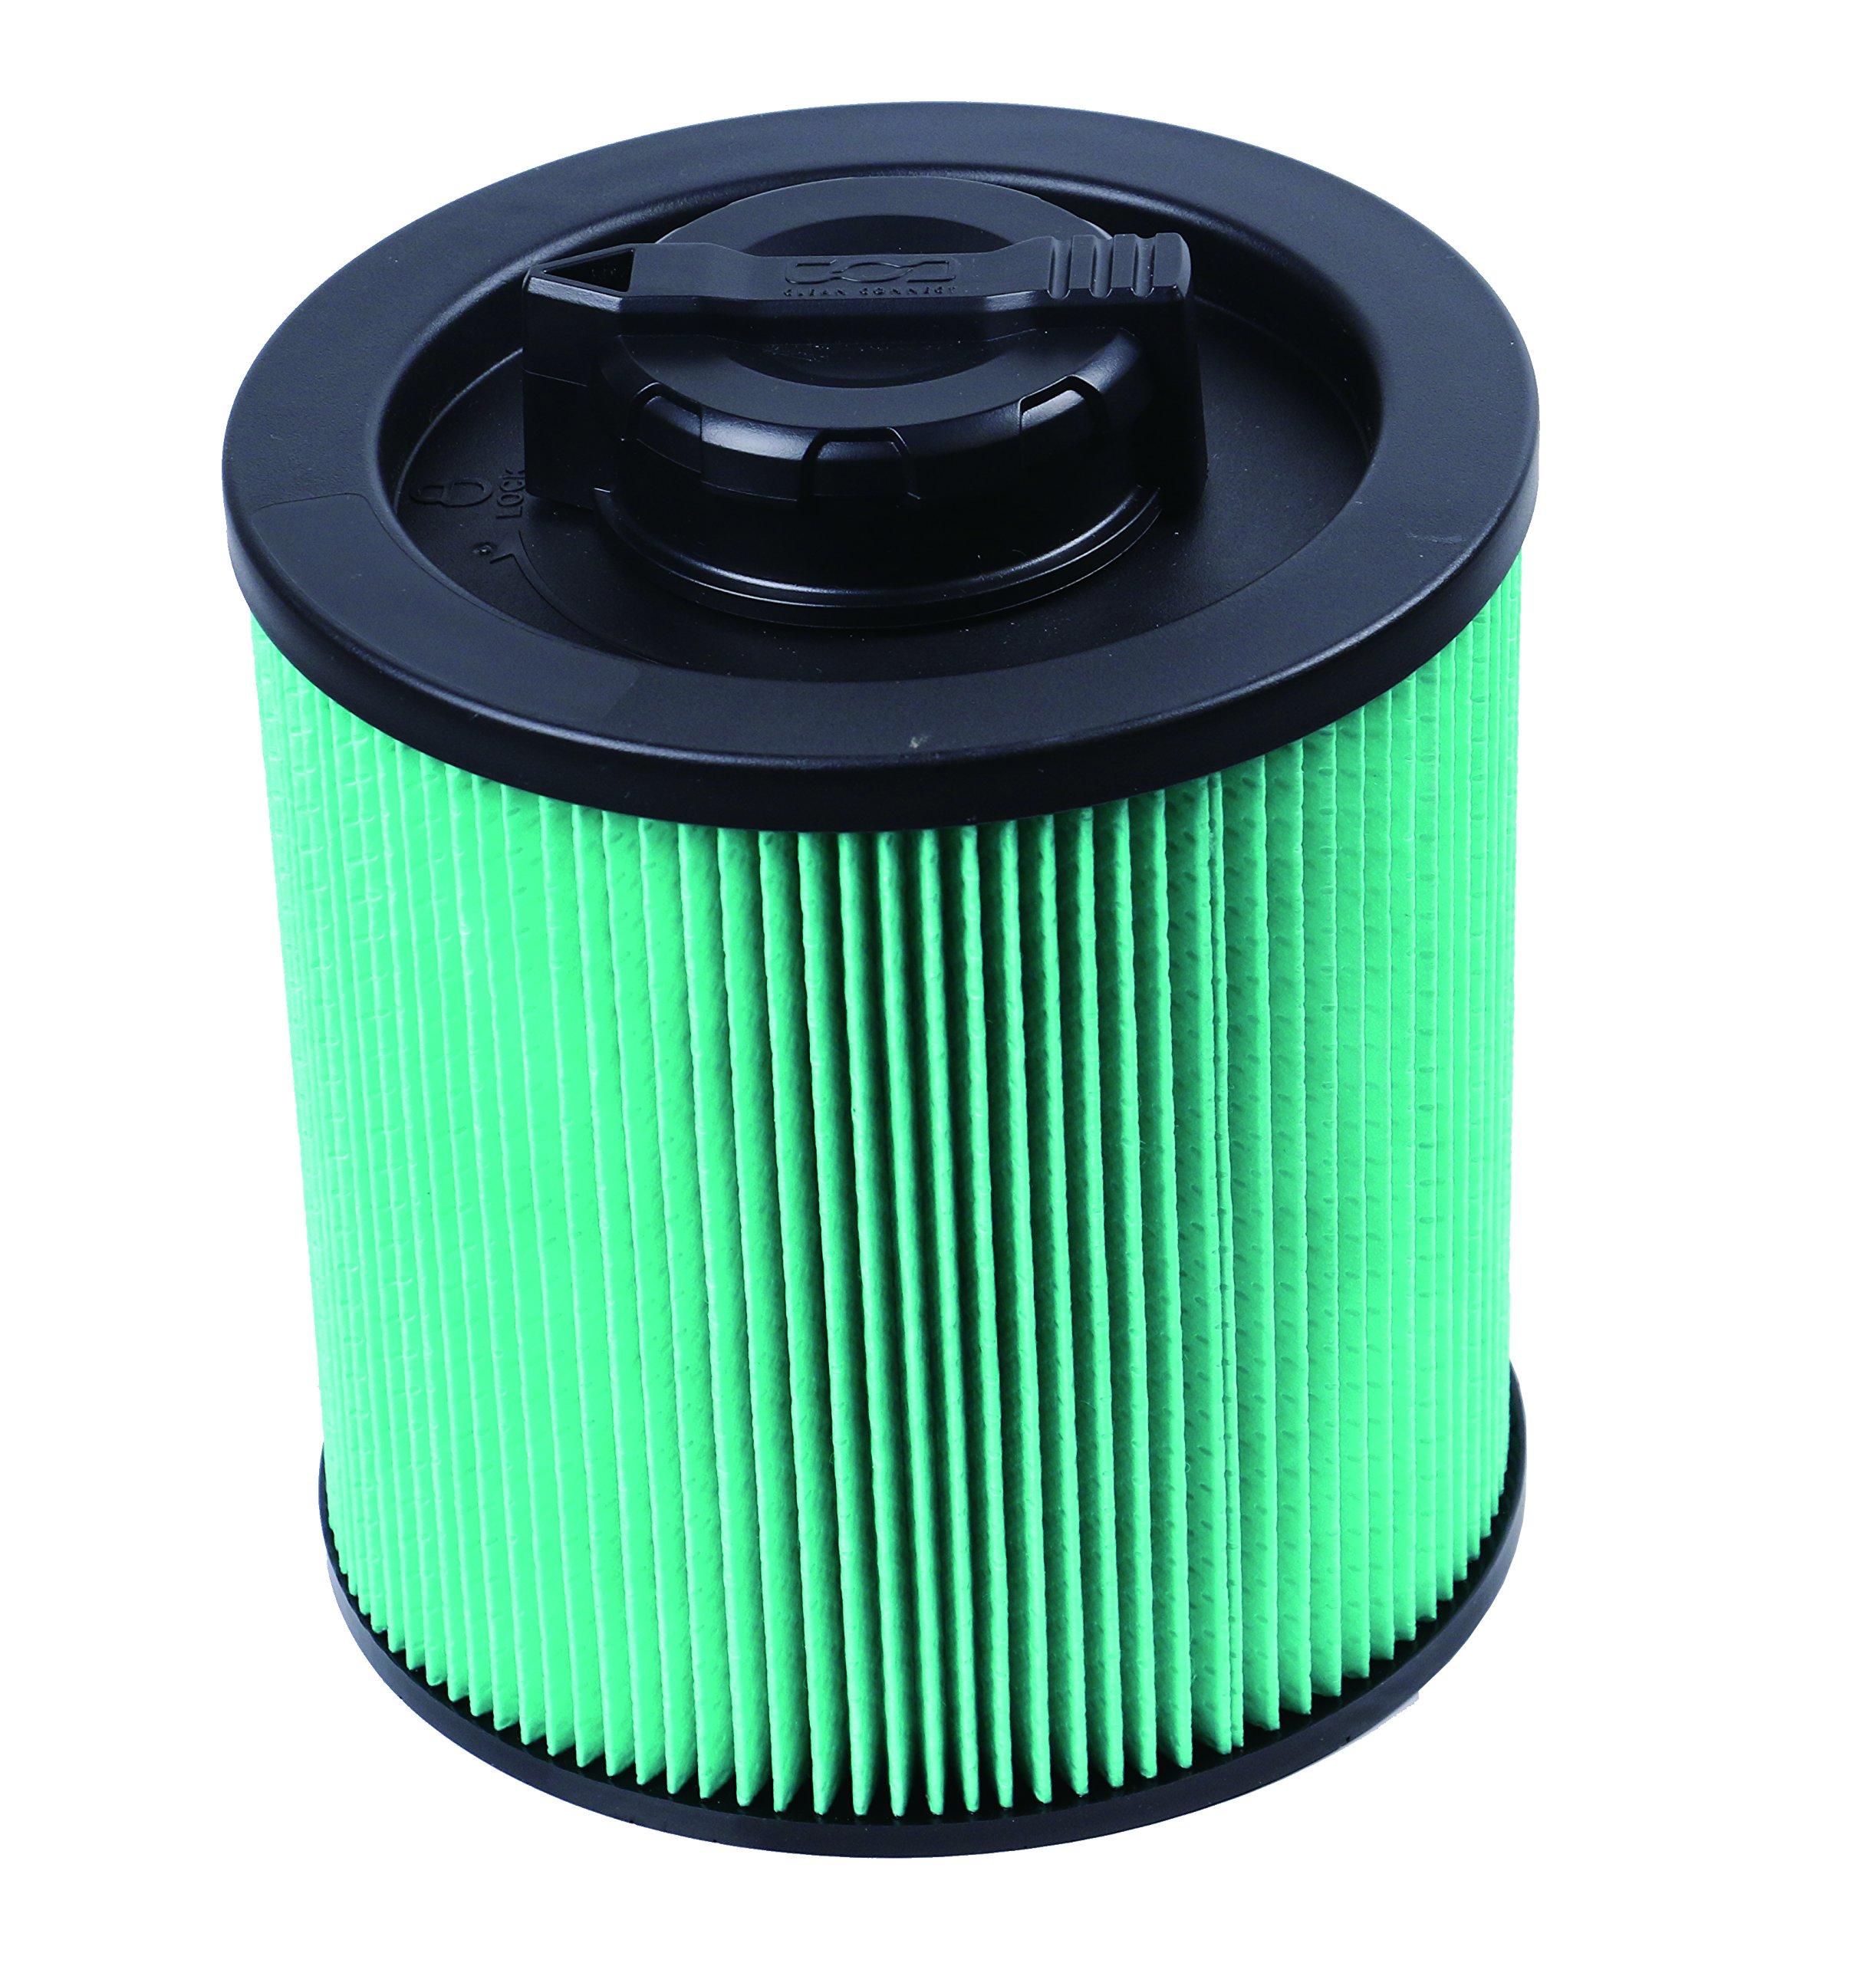 DeWALT Cartridge Filter-HEPA 6-16 gal.